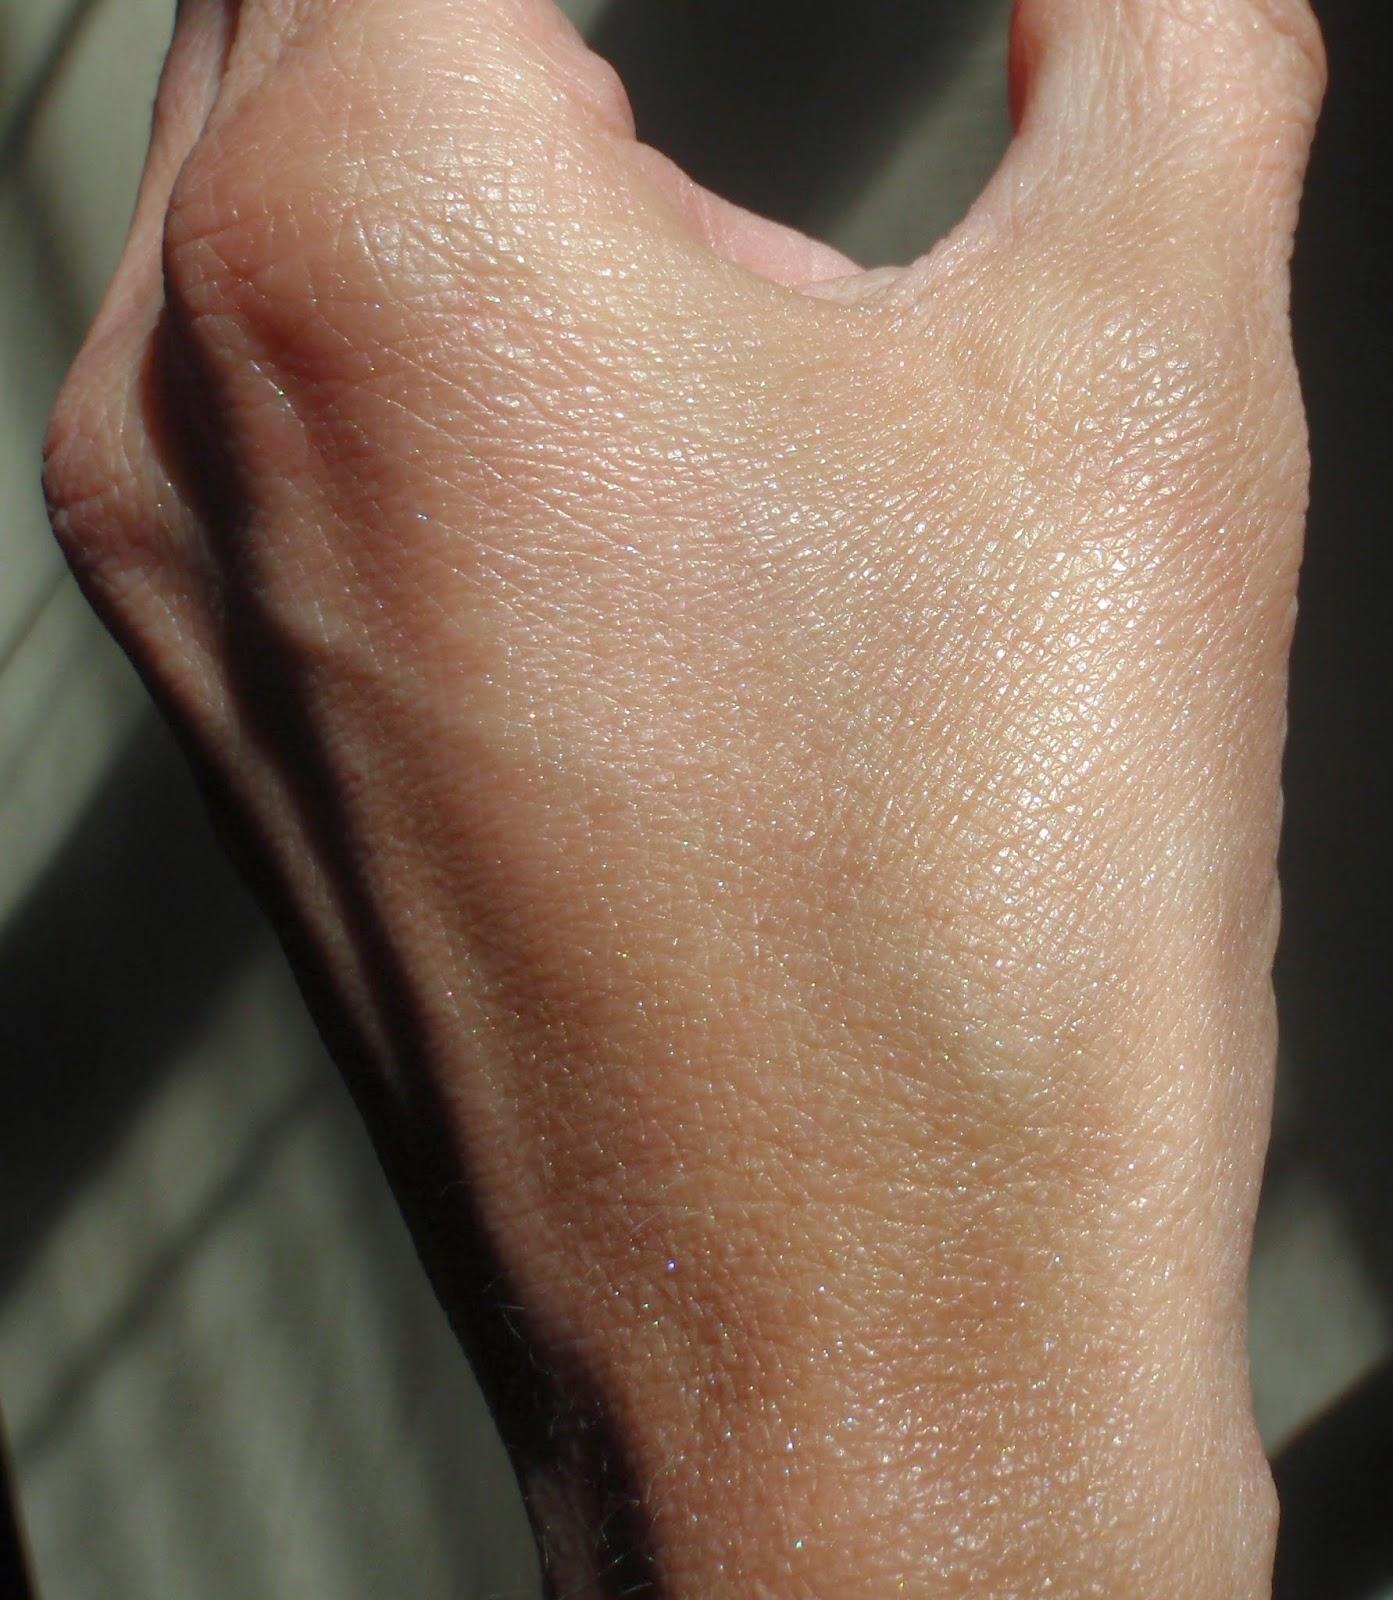 Josie Maran illumiinzer on skin